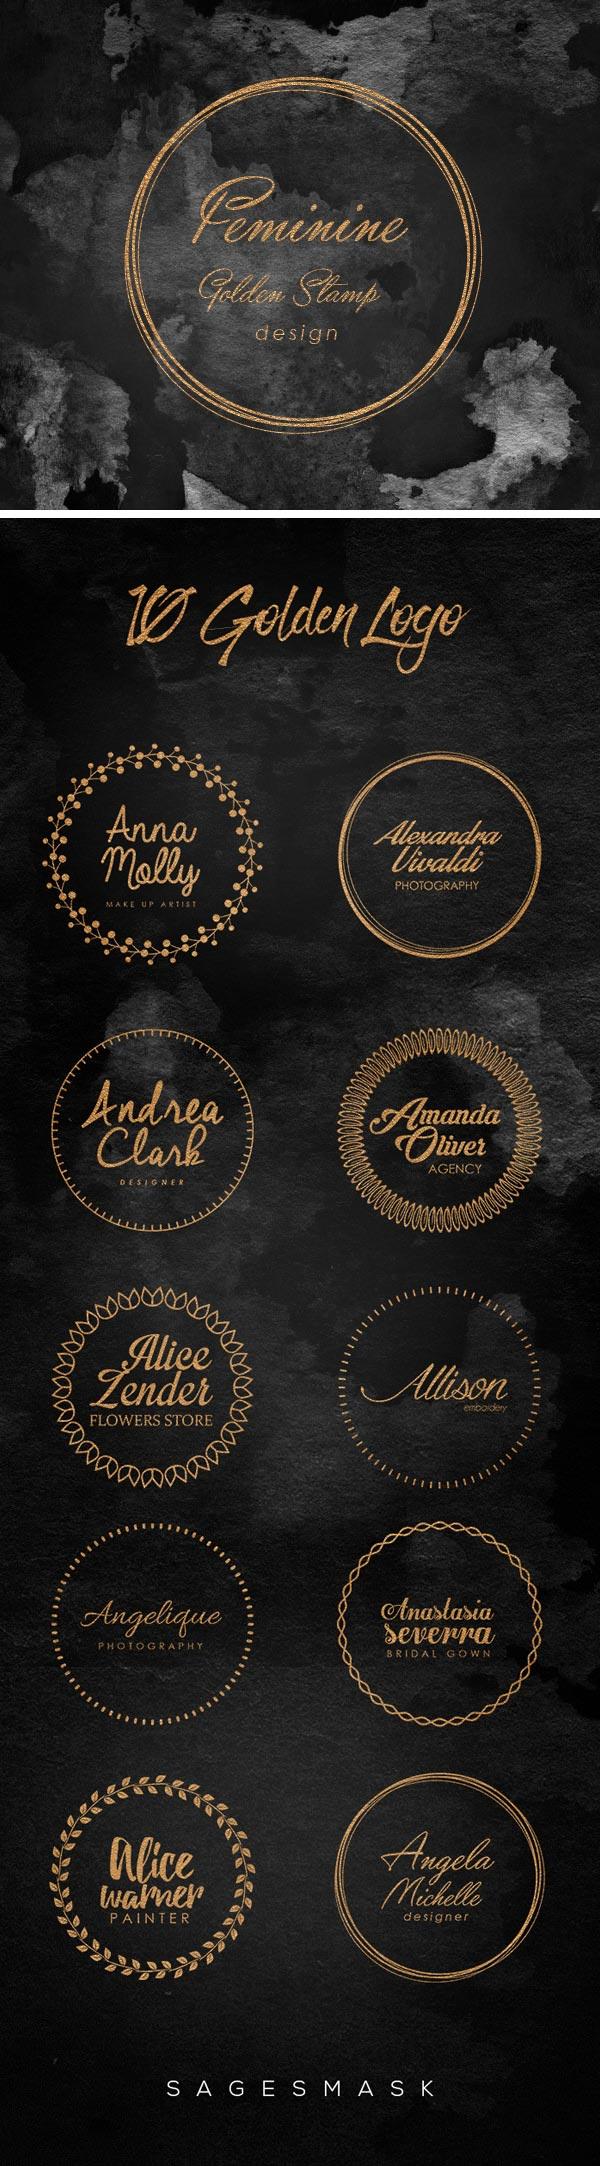 黄金印戳标志模板